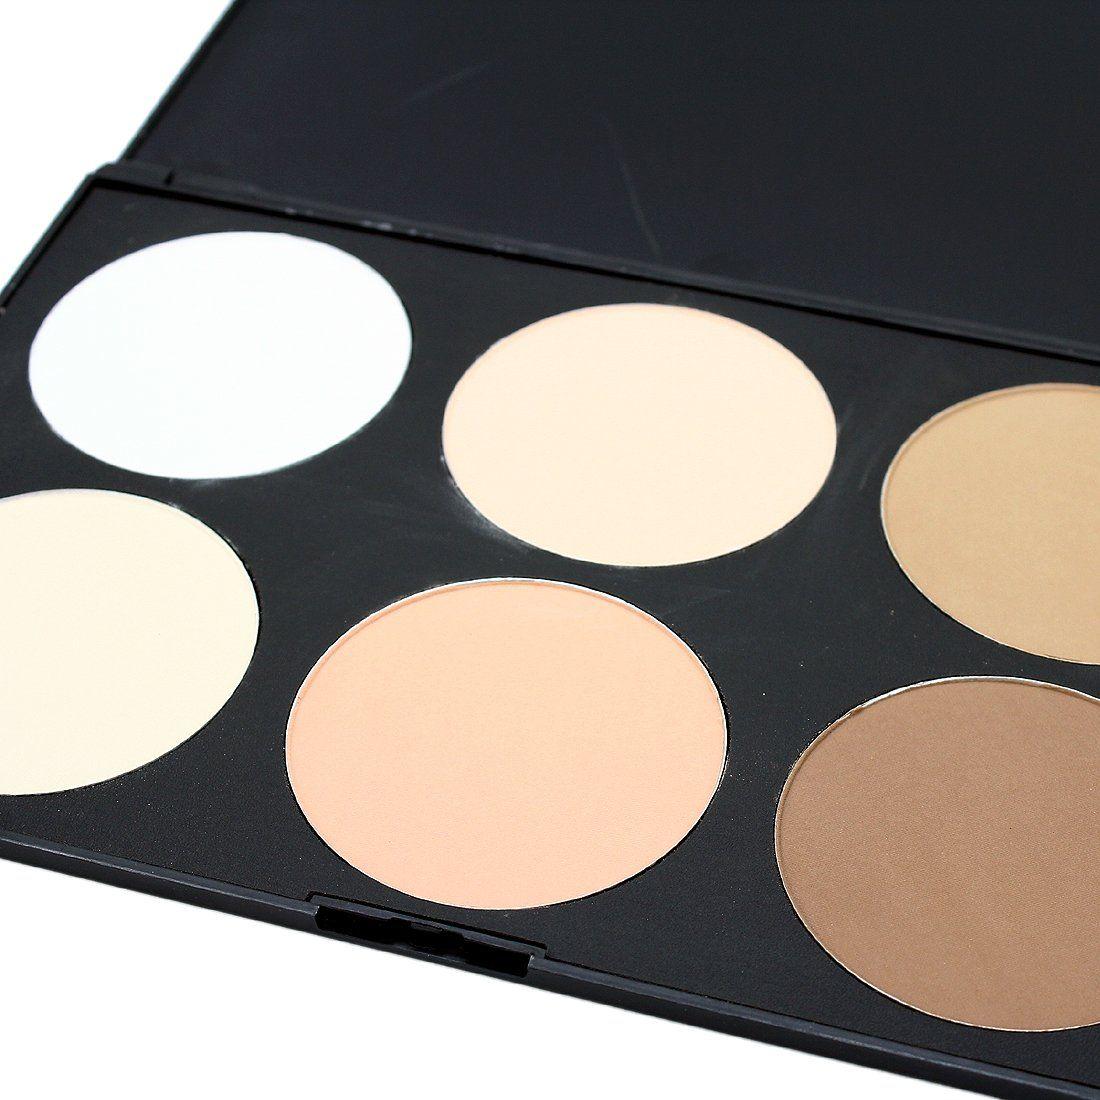 Pro 6 Color Contour Face Powder Matt Palette Makeup Kit